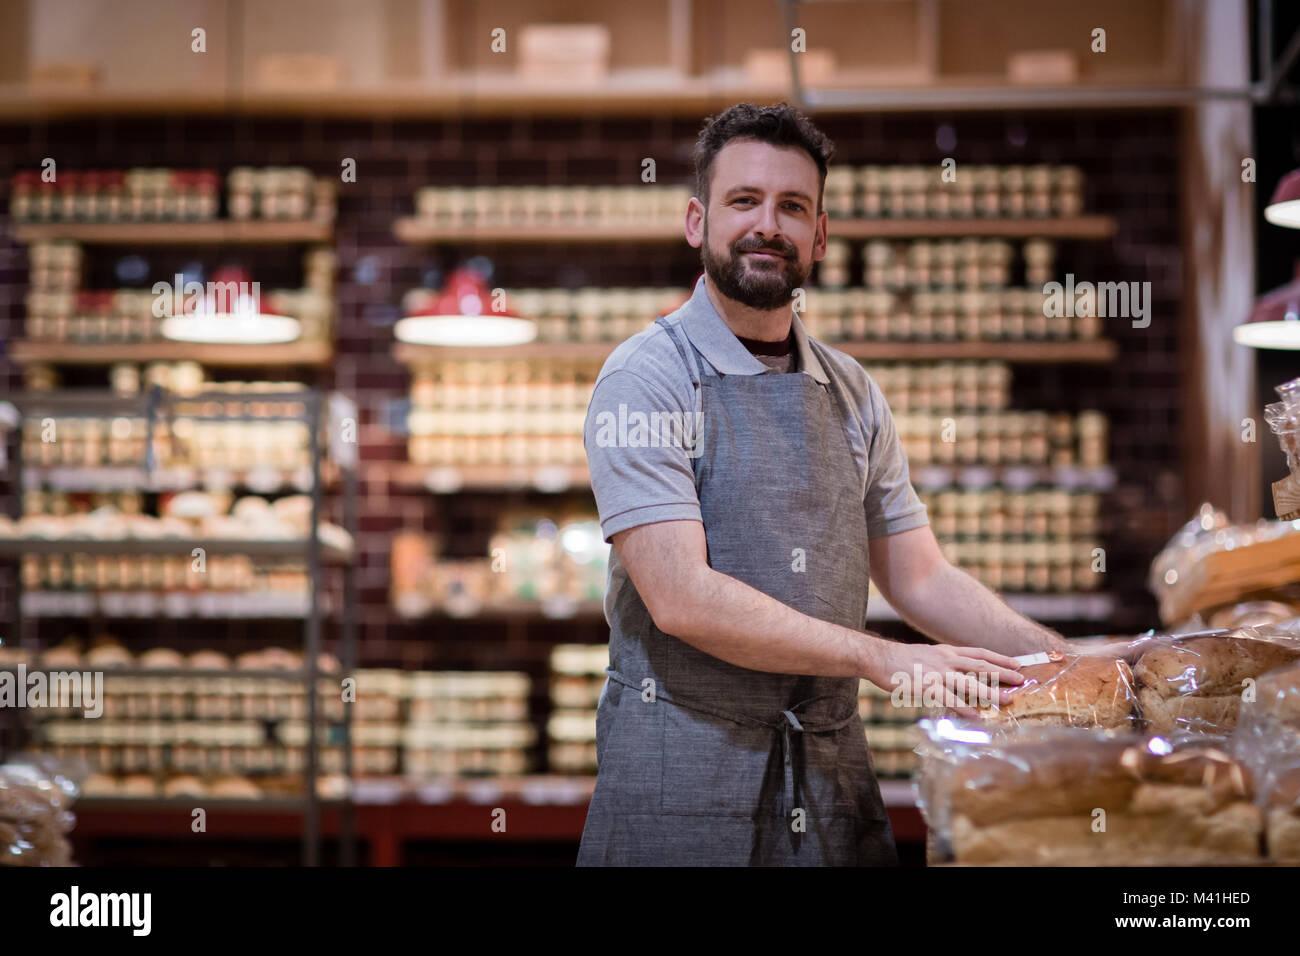 Baker dans une boulangerie à la recherche à l'appareil photo Photo Stock